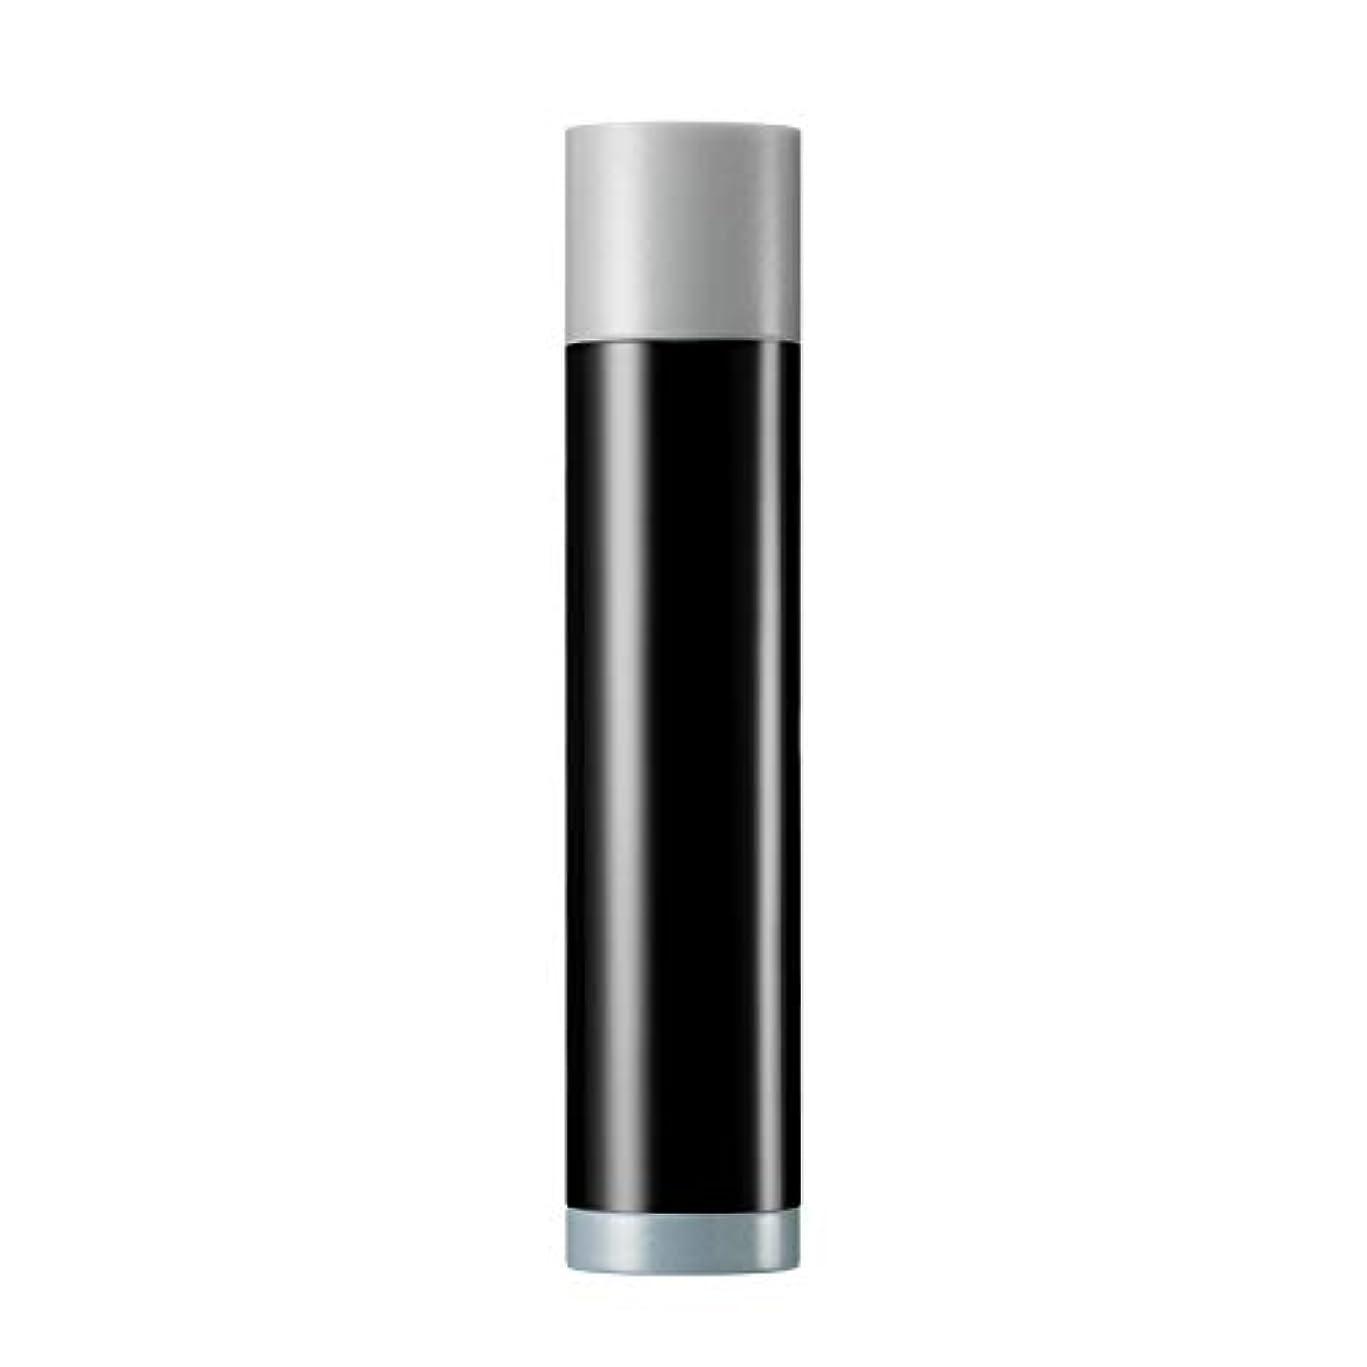 国籍おもしろい安全なヴィセ リシェ パウダーチップ アイカラー BL-10 シマーブルー 0.6g